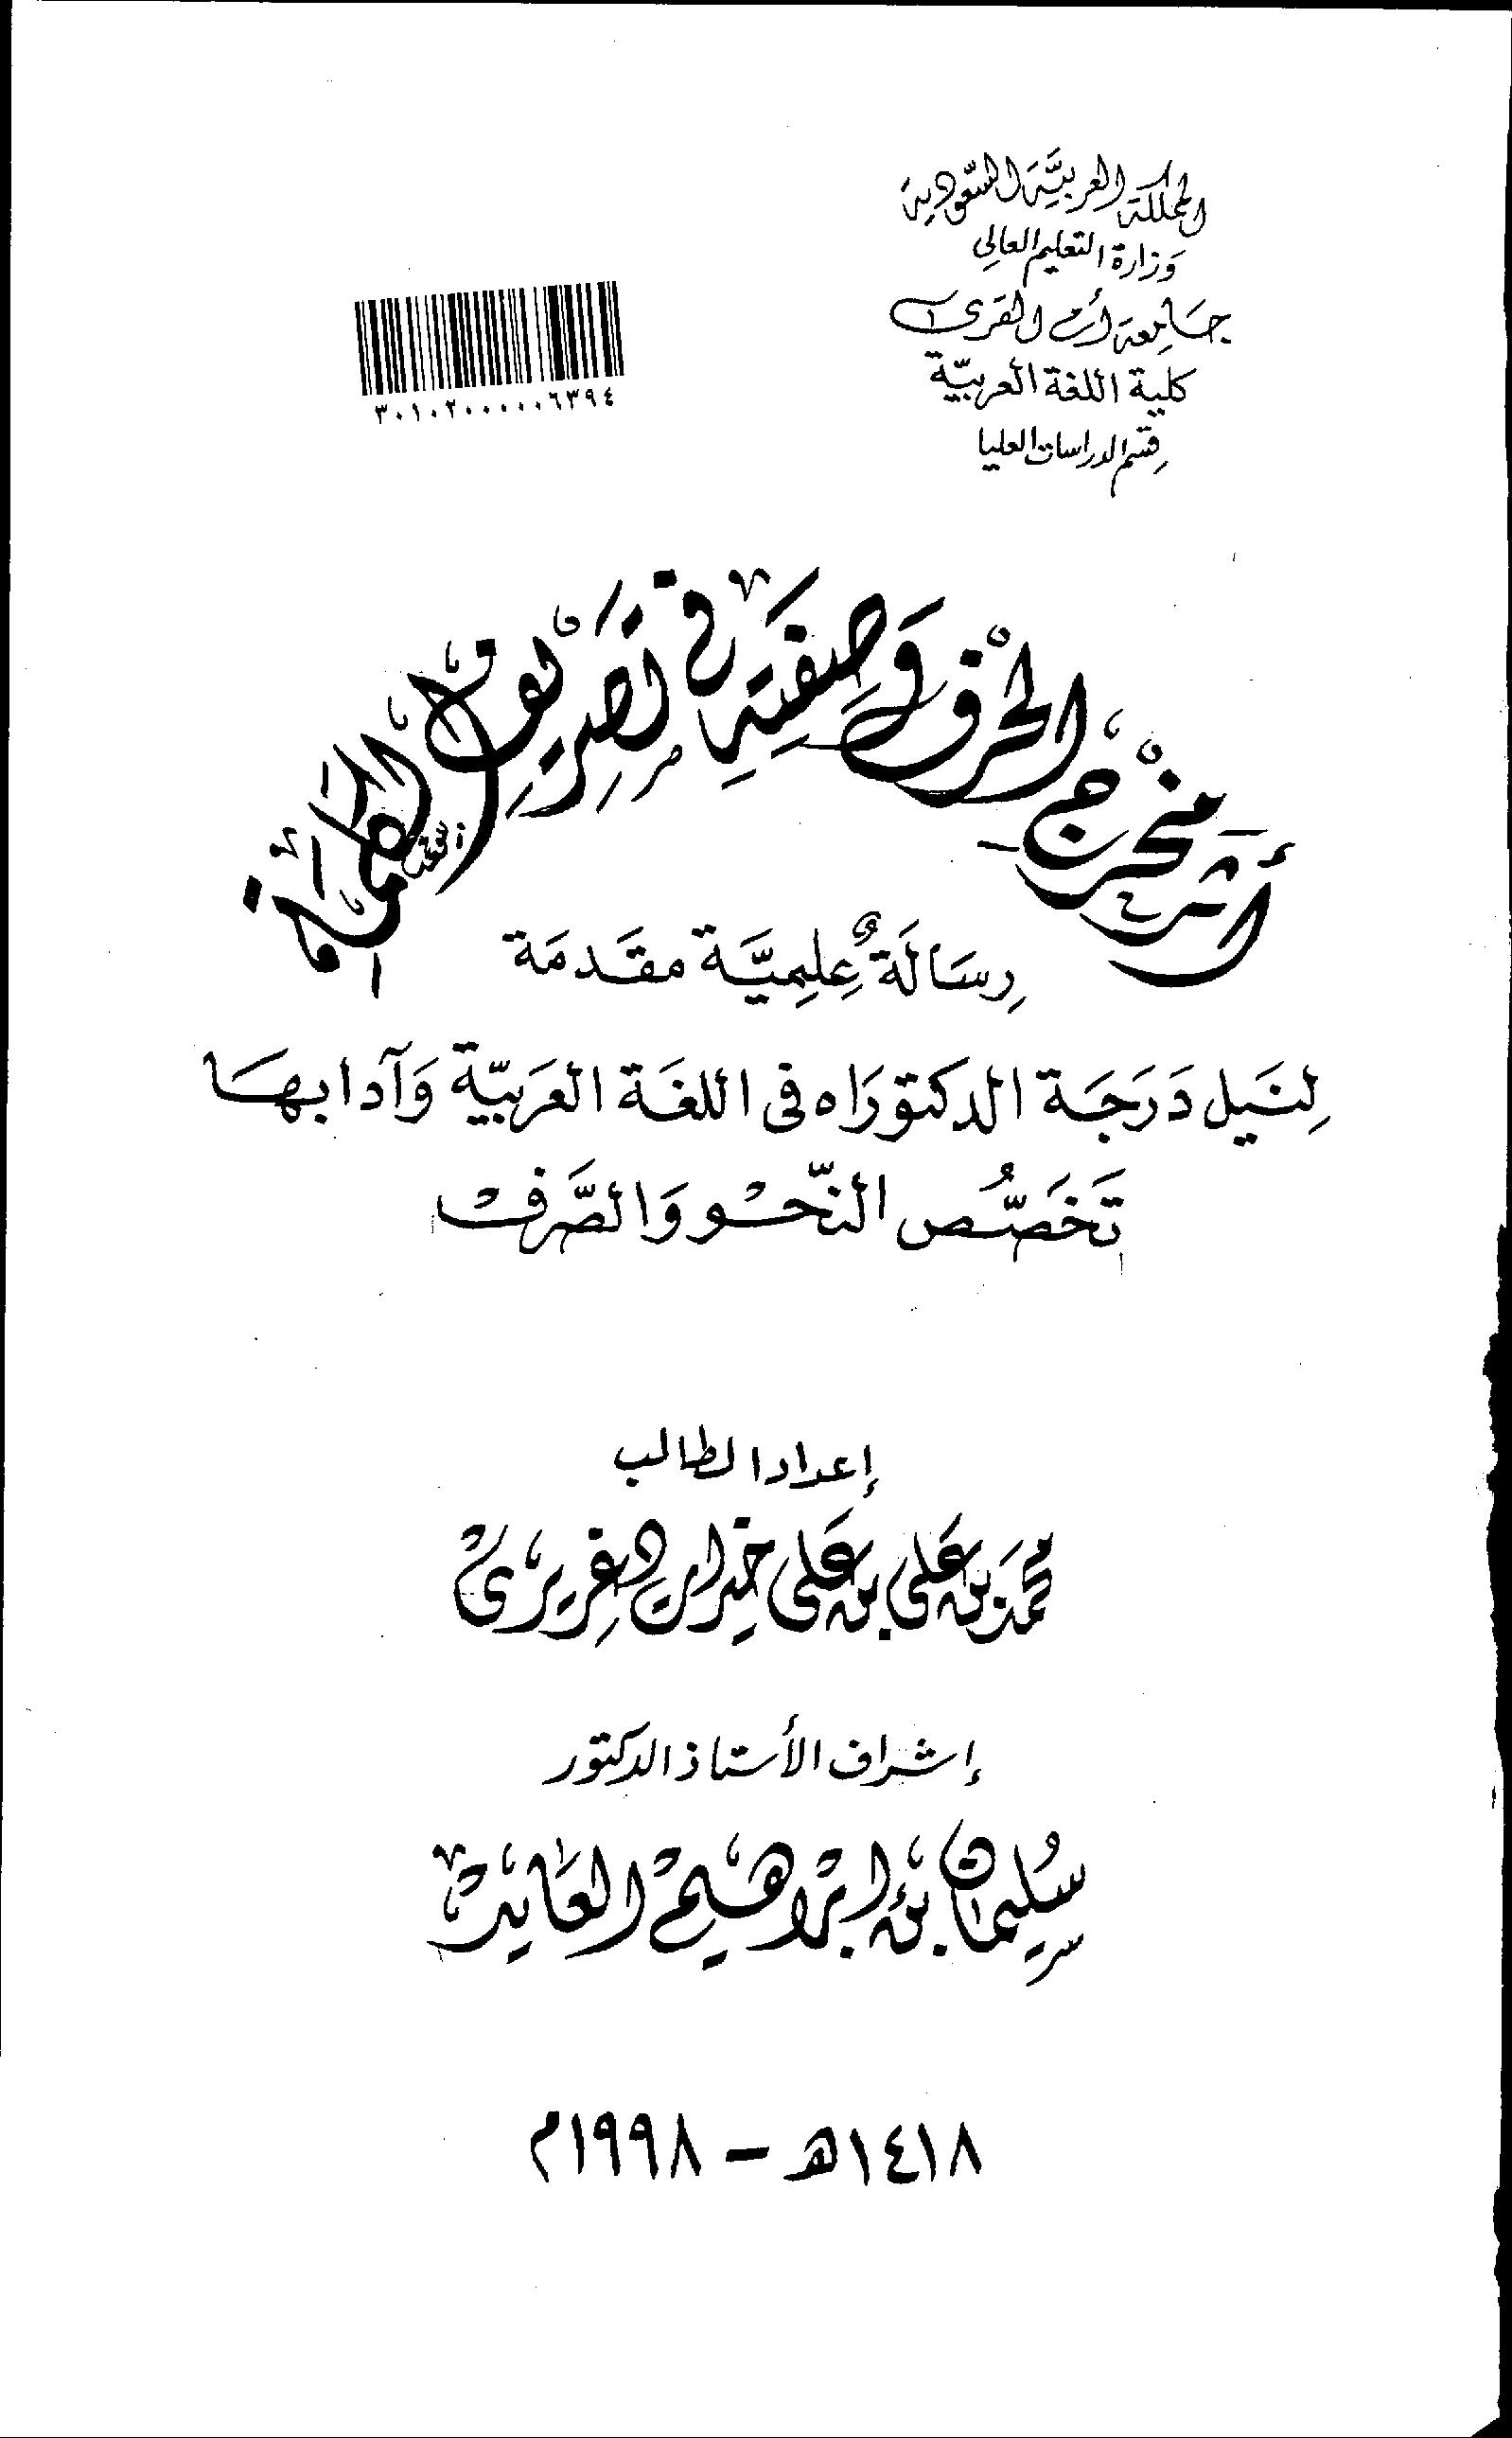 تحميل كتاب أثر مخرج الحرف وصفته في تصريف الكلمة لـِ: الدكتور محمد بن علي بن علي خيرات دغريري